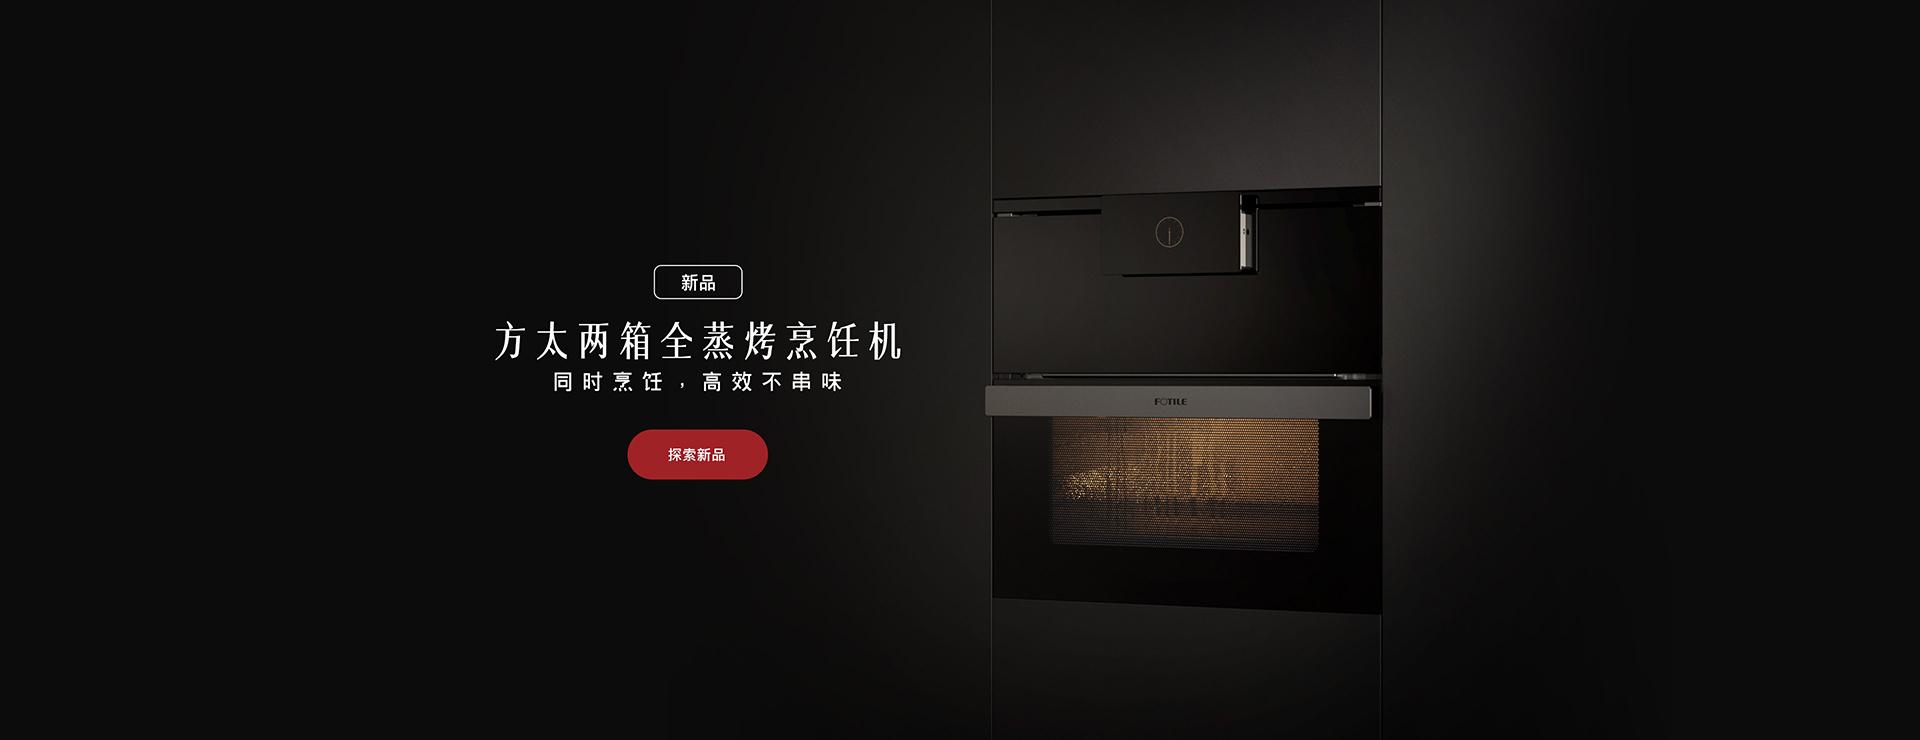 年度新品两箱全蒸烤烹饪机 - FOTILEbbin体育开户厨房电器官方网站